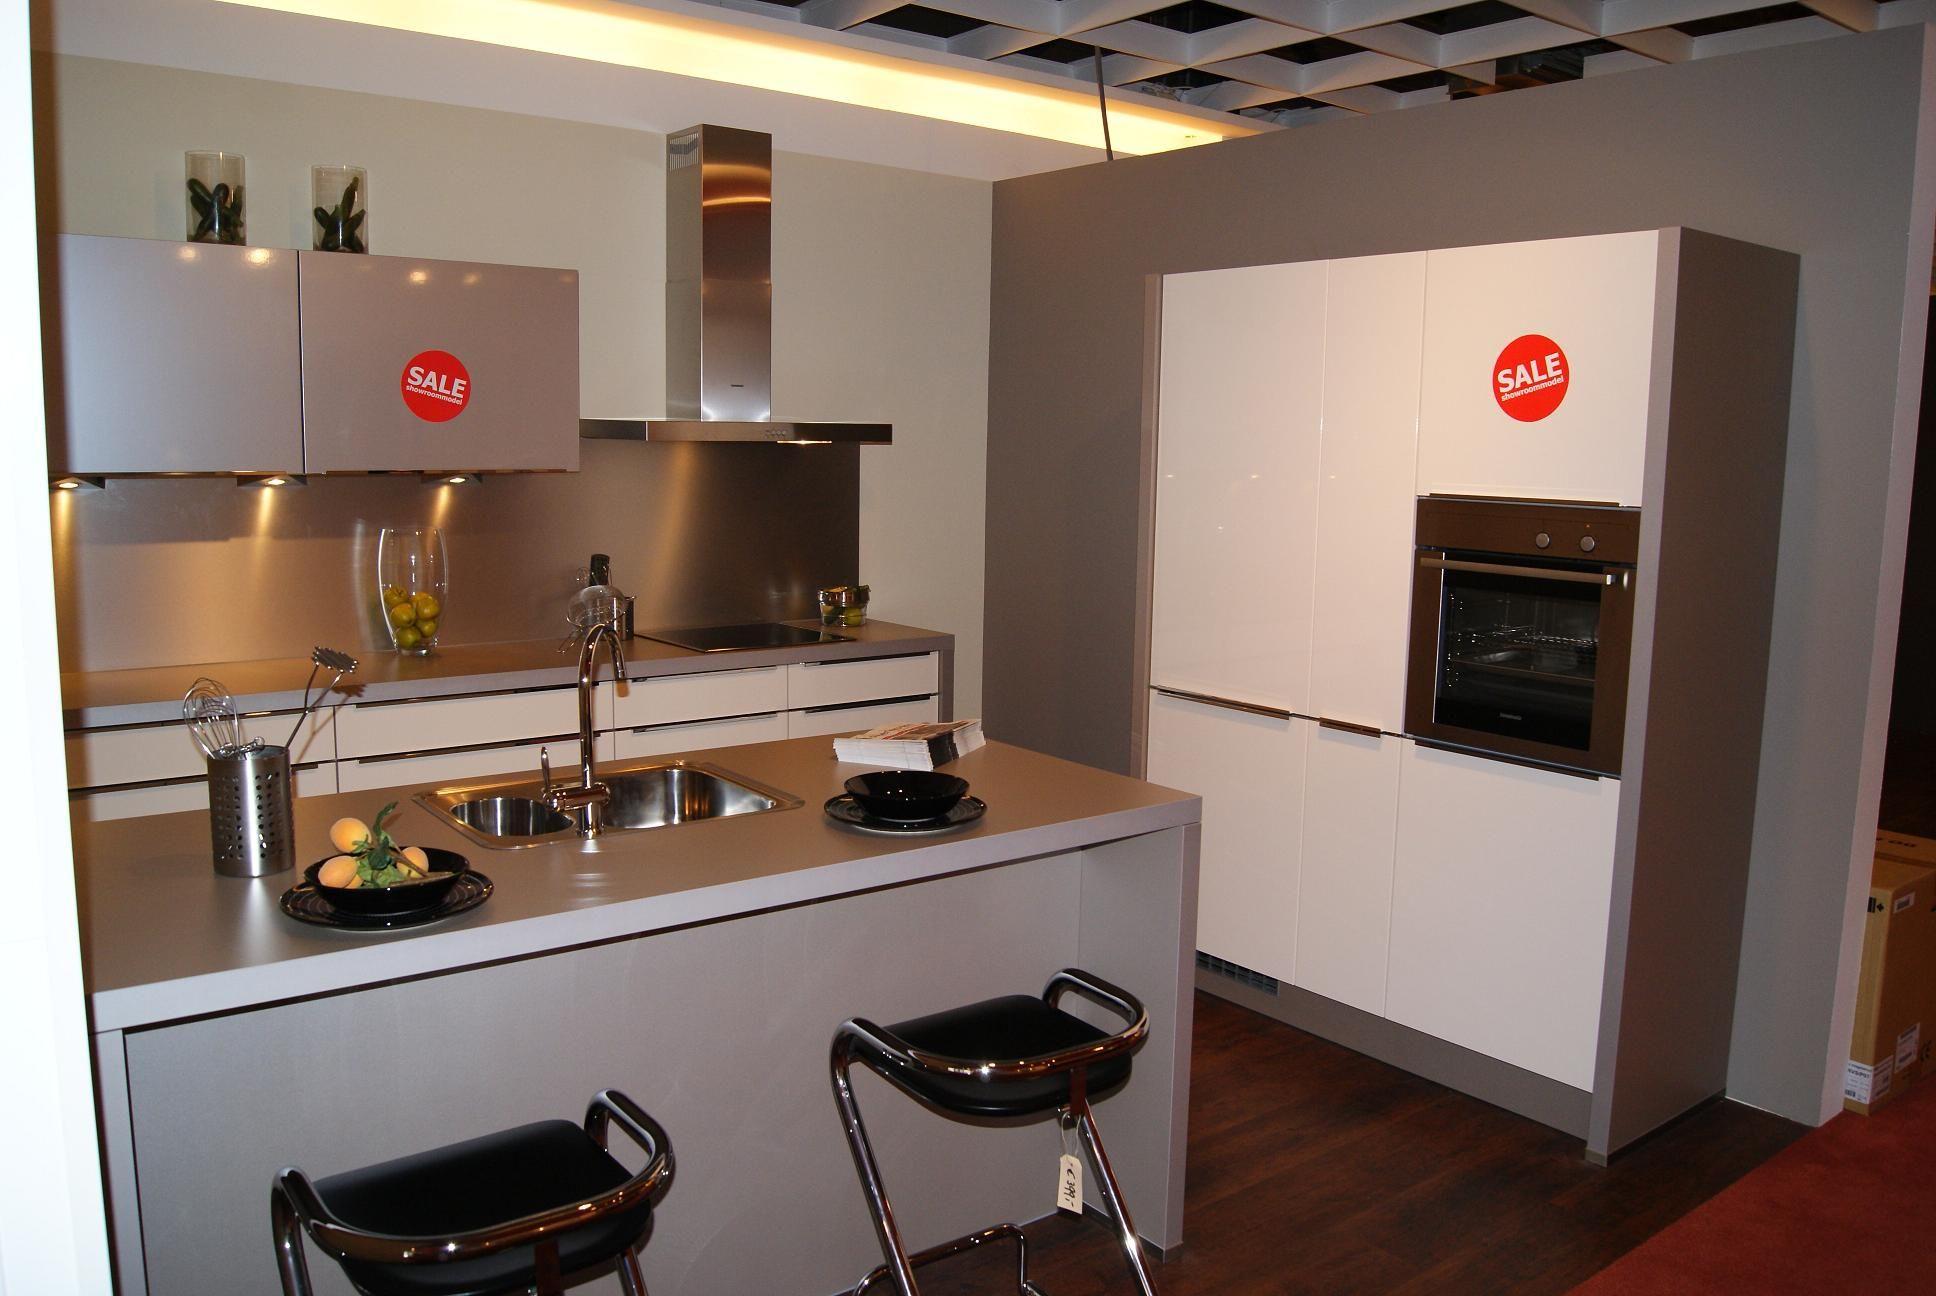 Luxe Design Keuken : Showroomuitverkoop.nl luxe designkeuken met spoeleiland [35837]